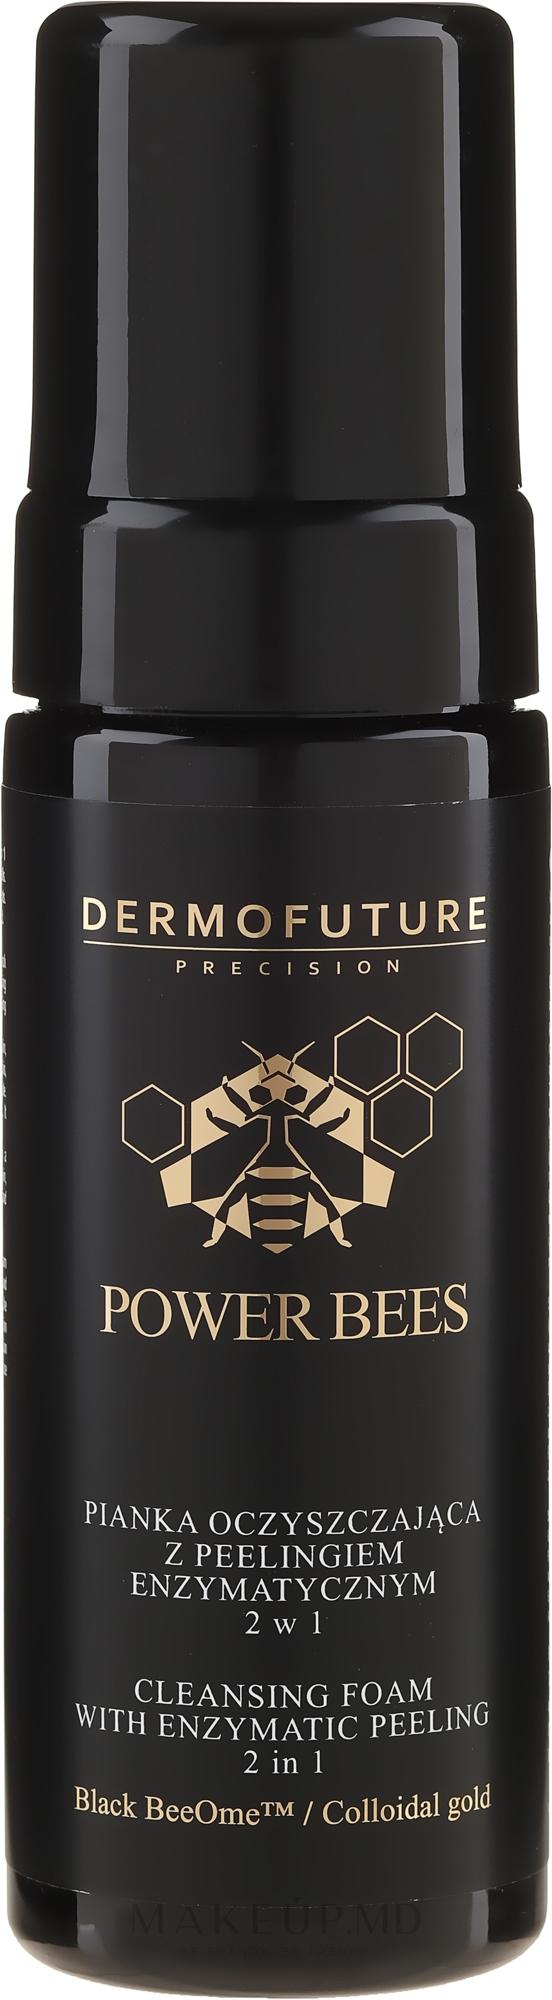 Spumă de curățare 2în1 - Dermofuture Power Bees Cleansing Foam 2in1 — Imagine 150 ml